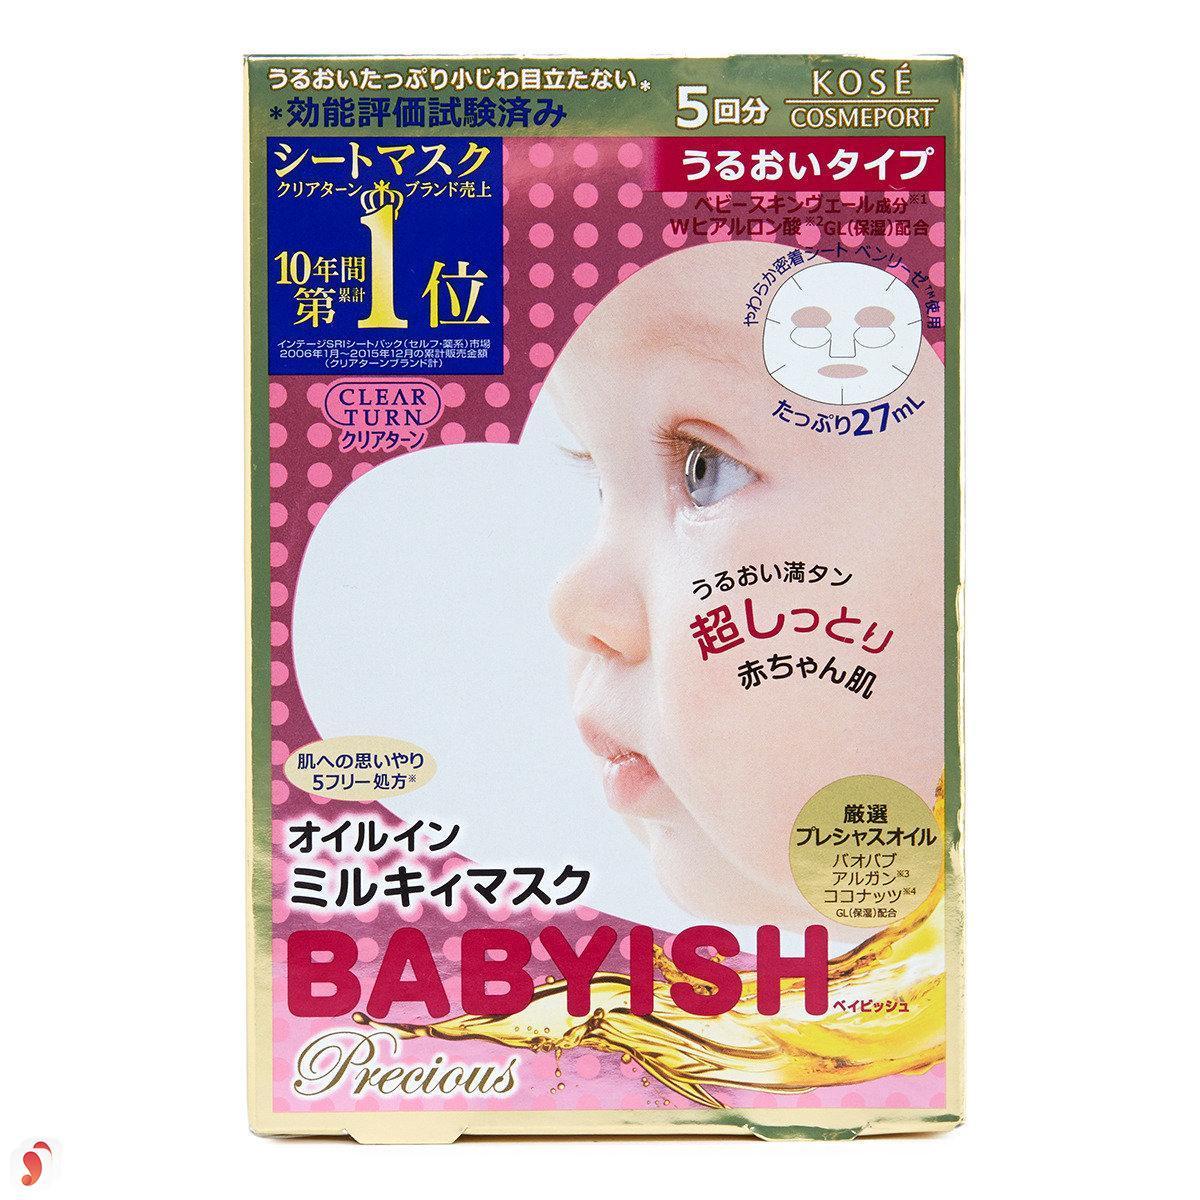 Kose Clear Turn Babyish Deep Mask 1